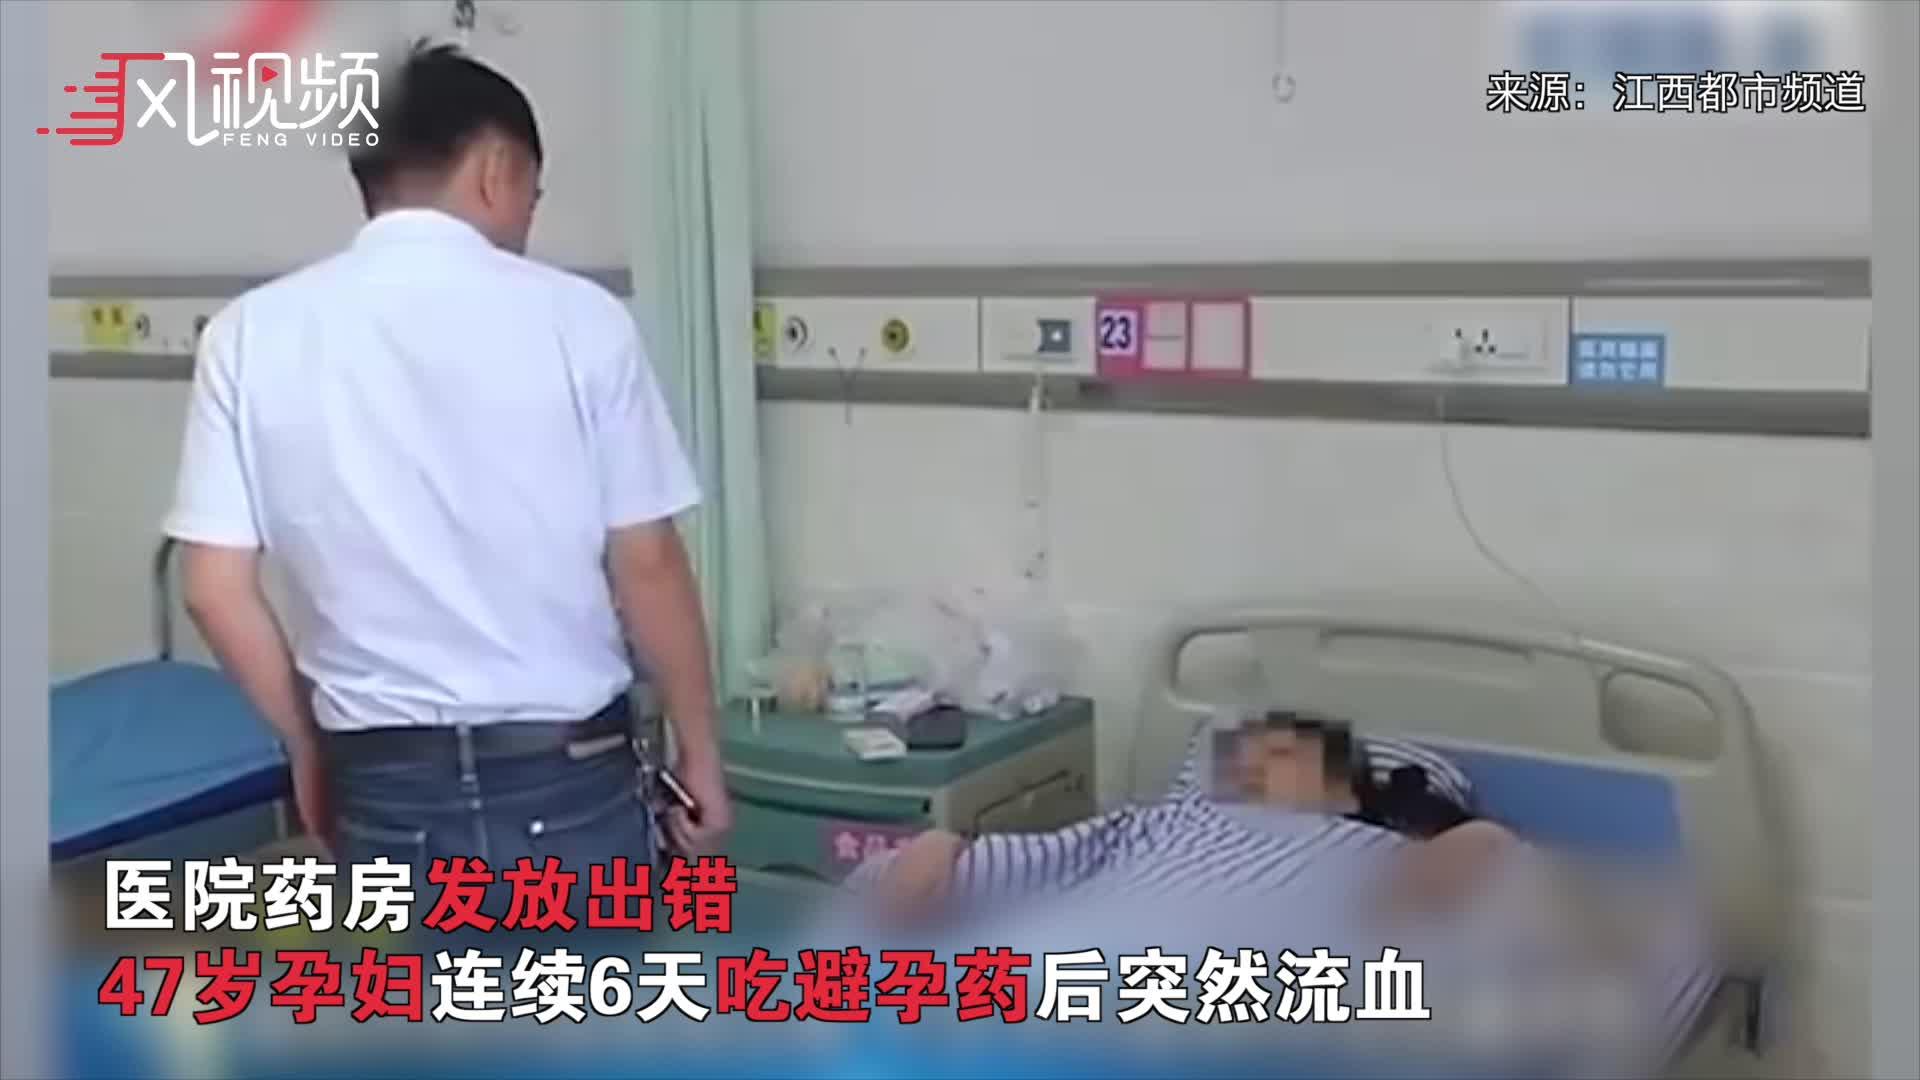 医院药房发放出错 47岁孕妇连吃6天避孕药:等于是杀人